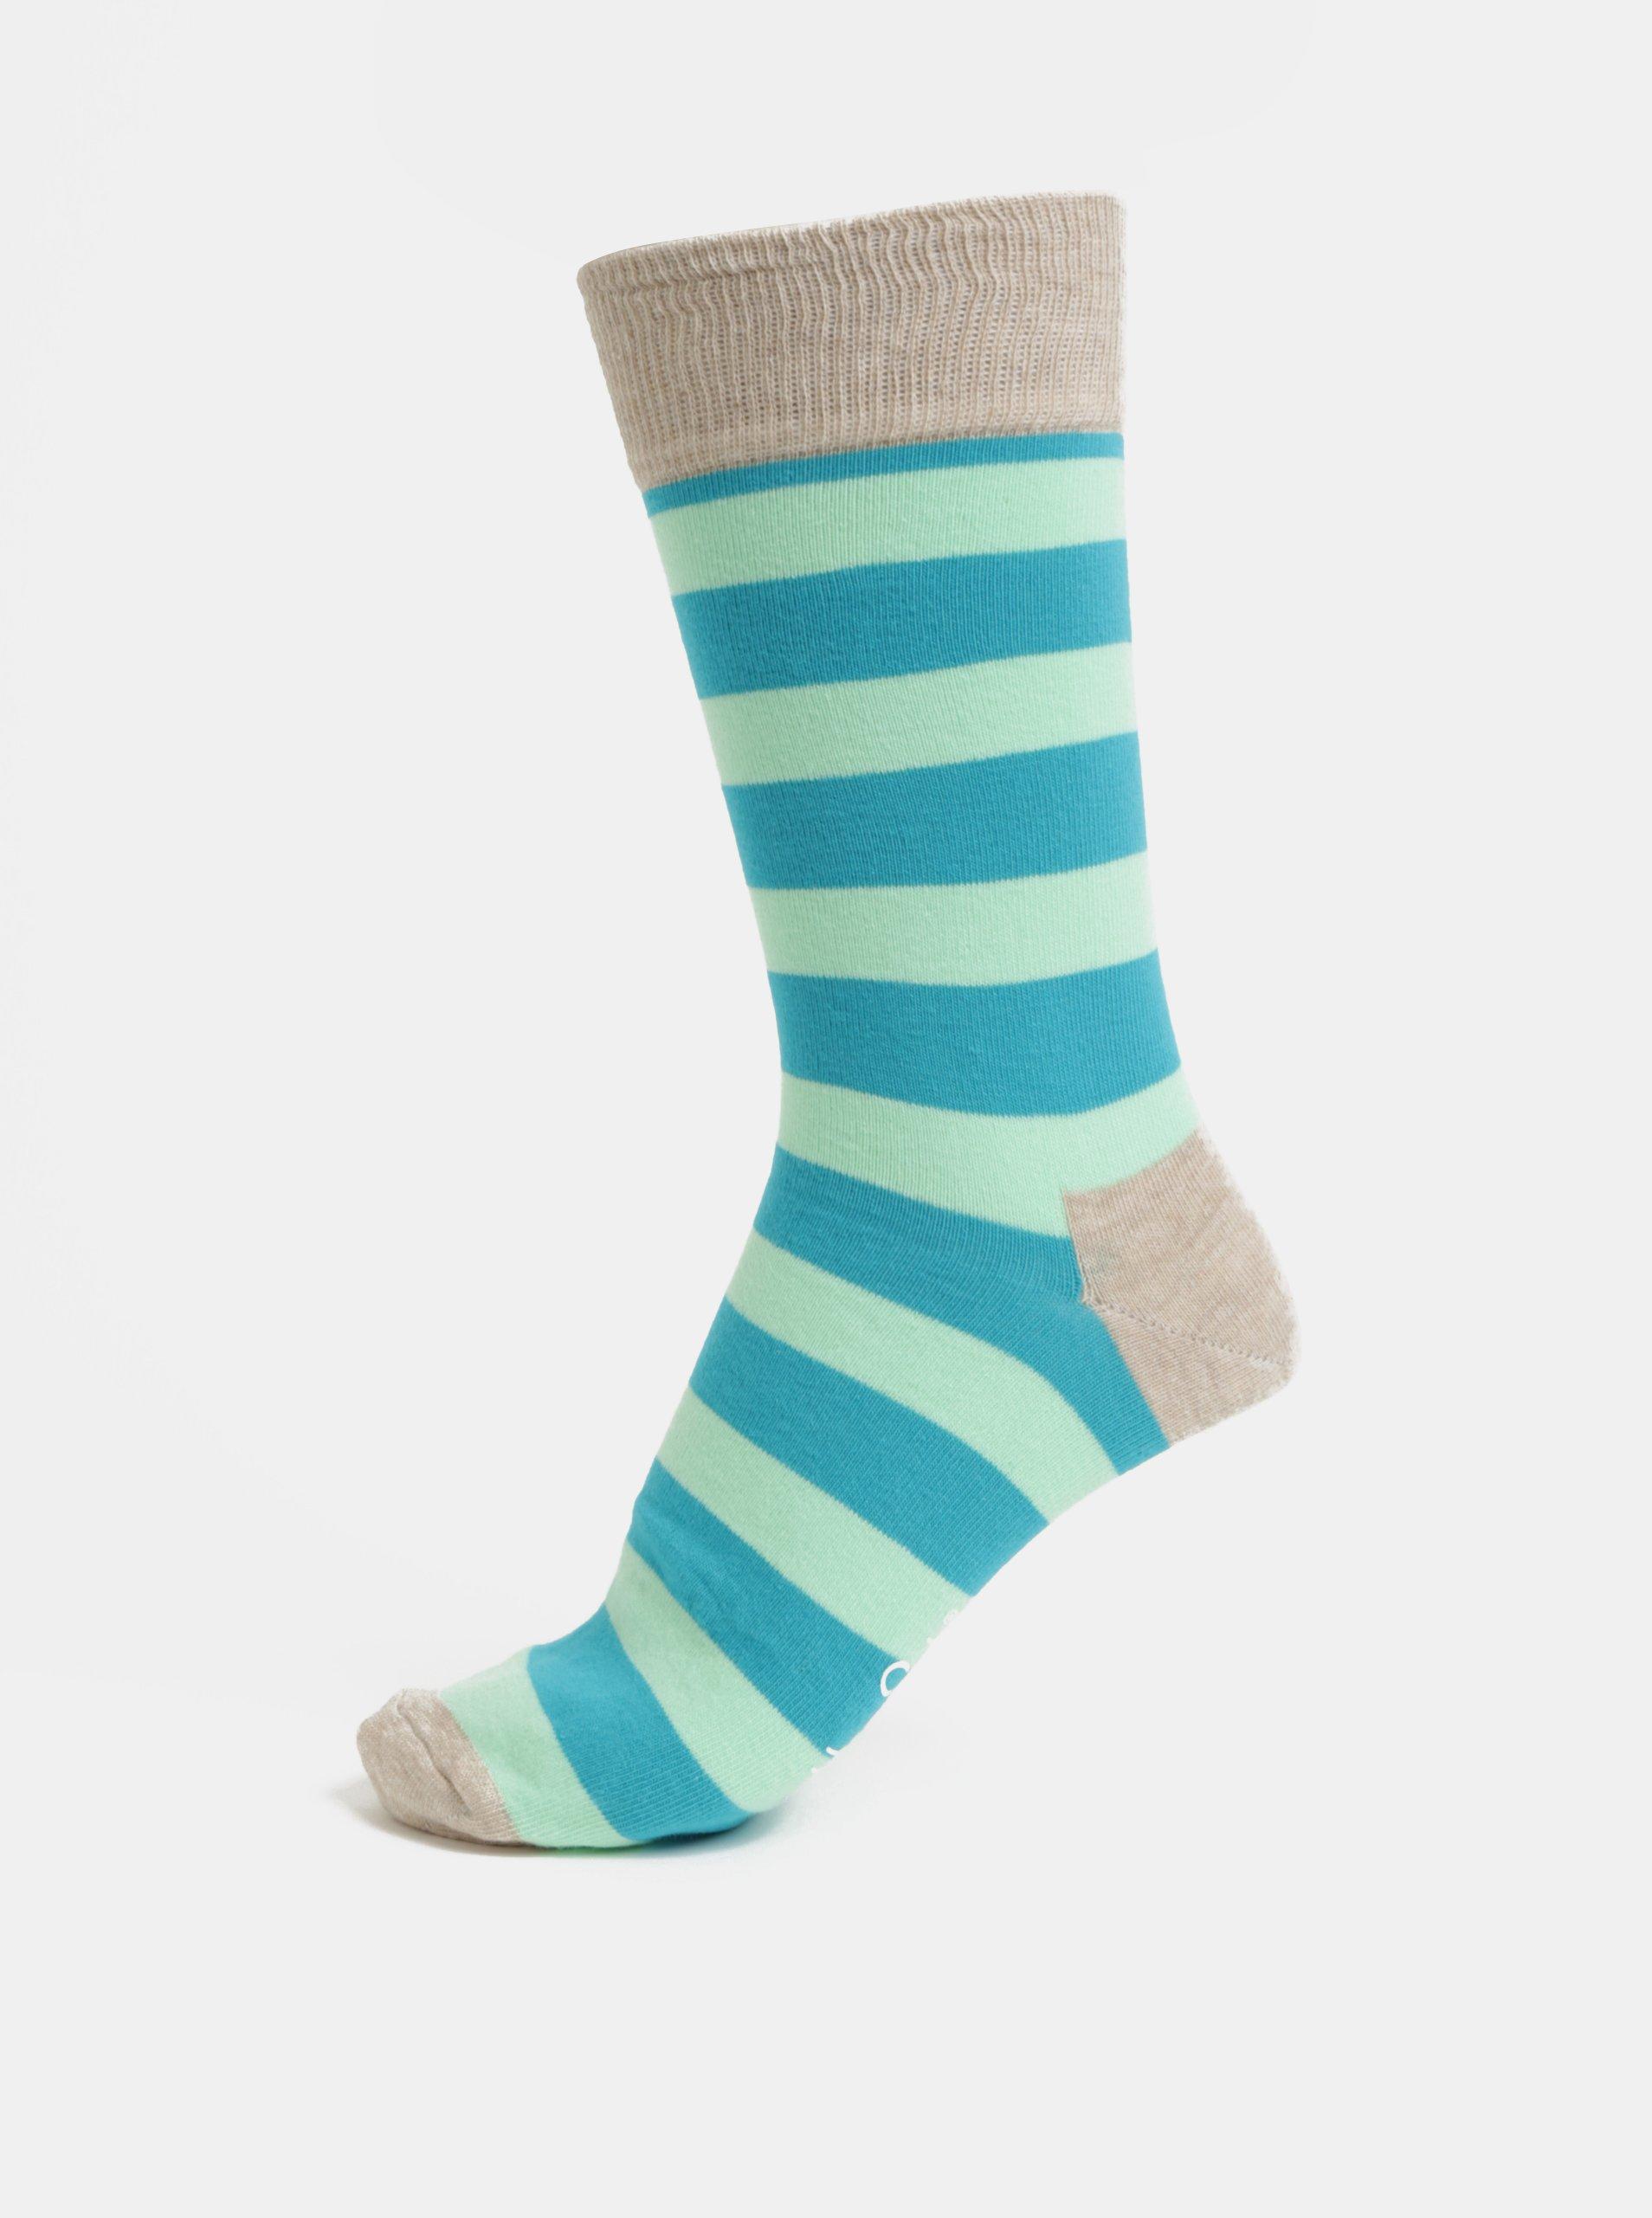 Zeleno-modré unisex pruhované ponožky Happy Socks Stripe - Glami.cz 6a362d1d19